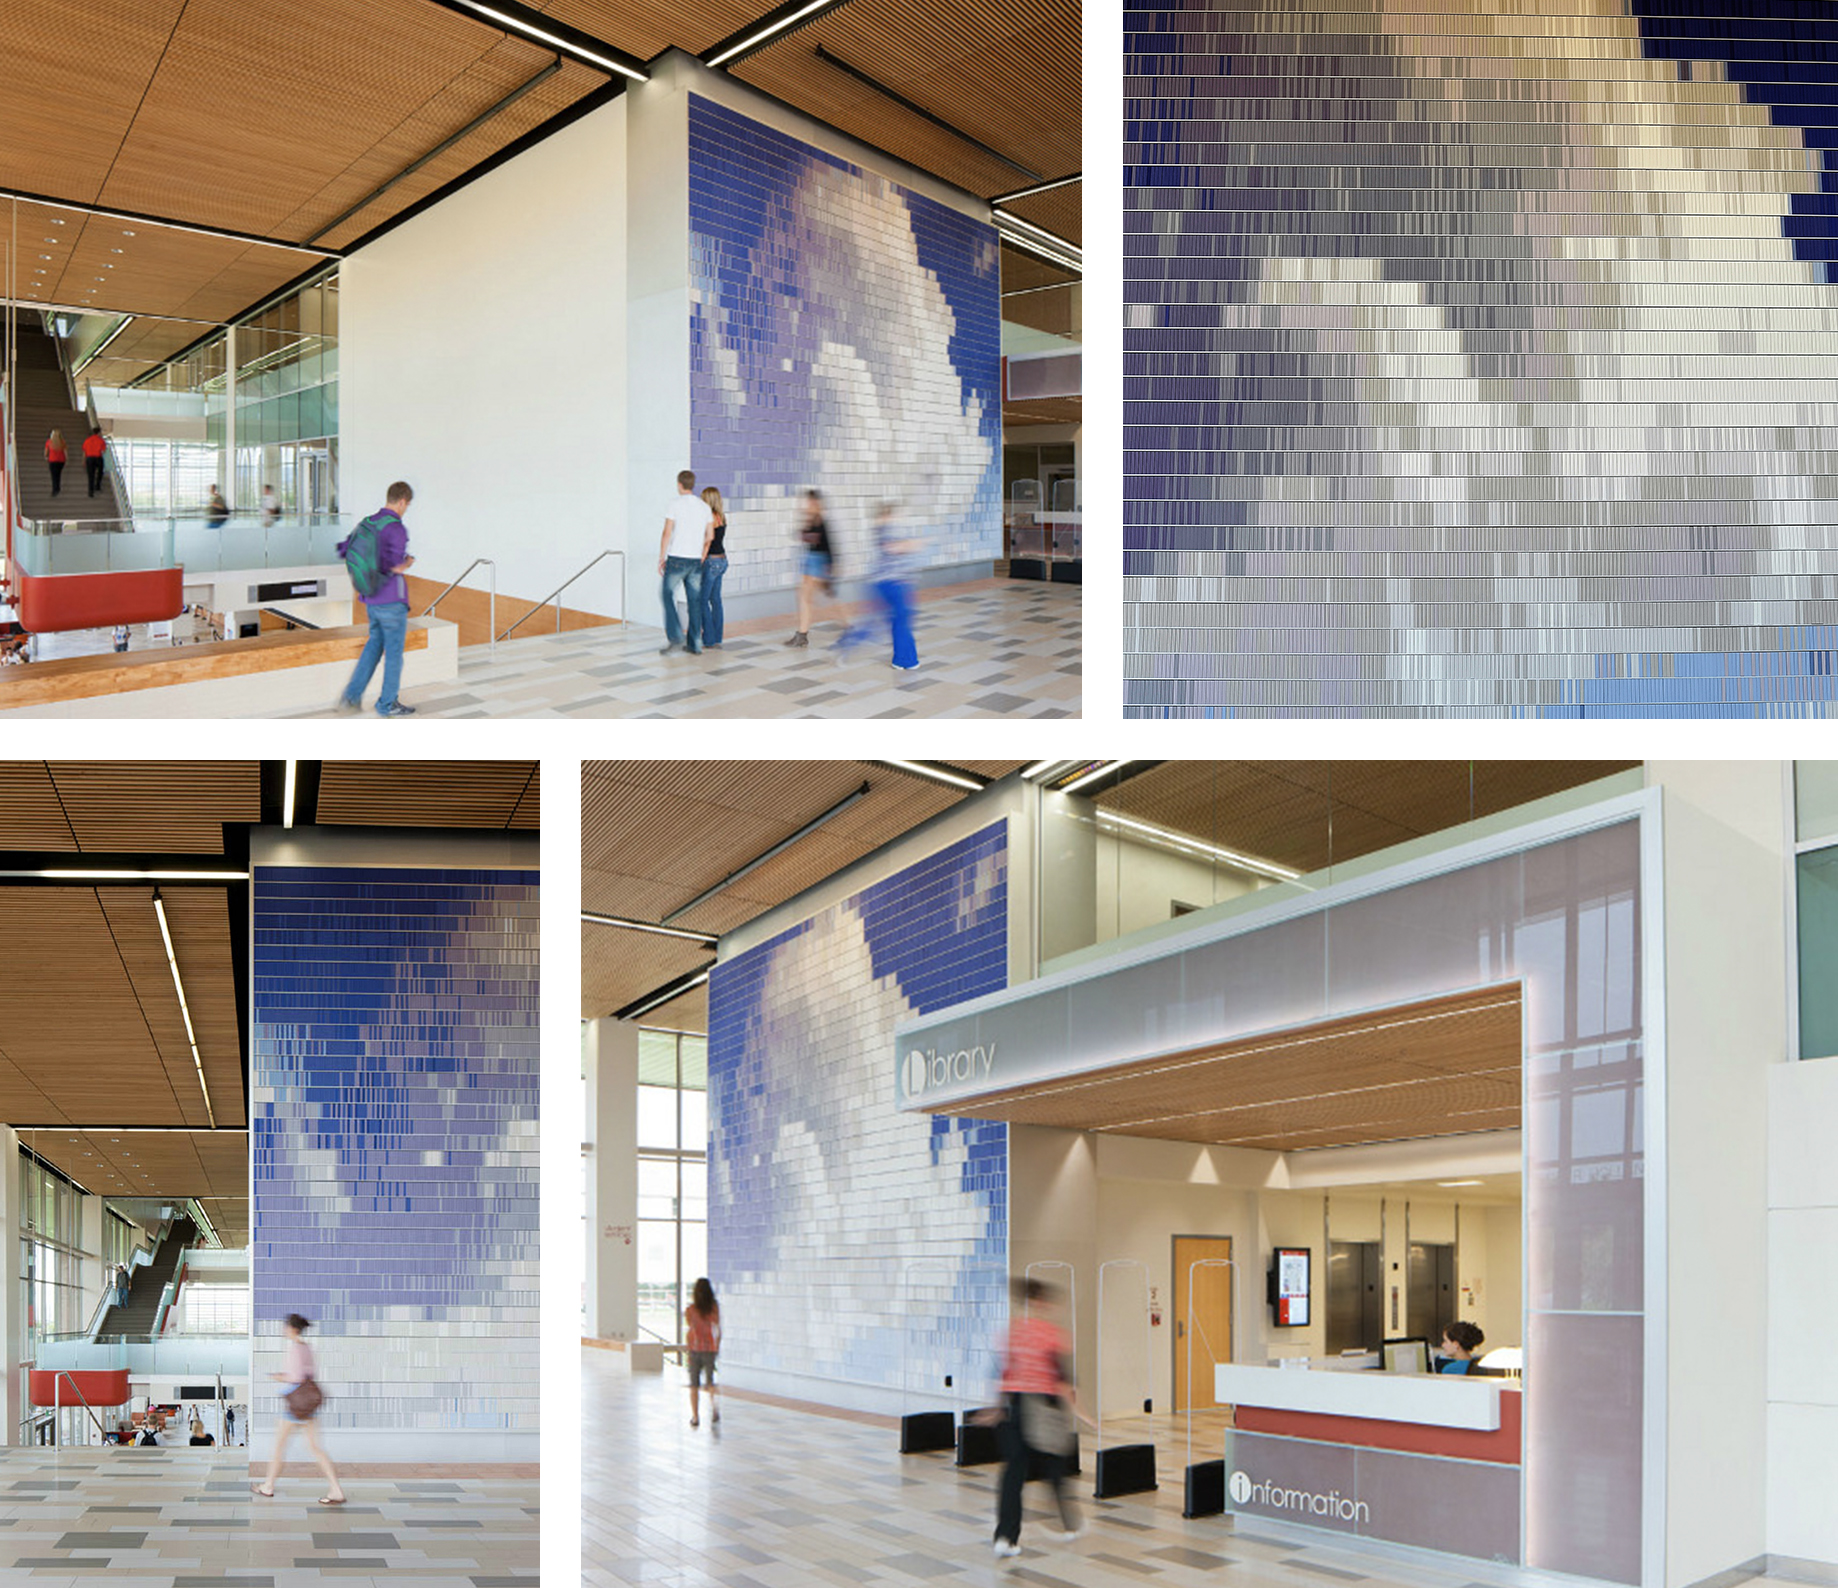 Christian Moeller  Cloud 2012 Custom extruded aluminum shelves holding 12,000 books 22 x 28 feet    View More Christian Moeller